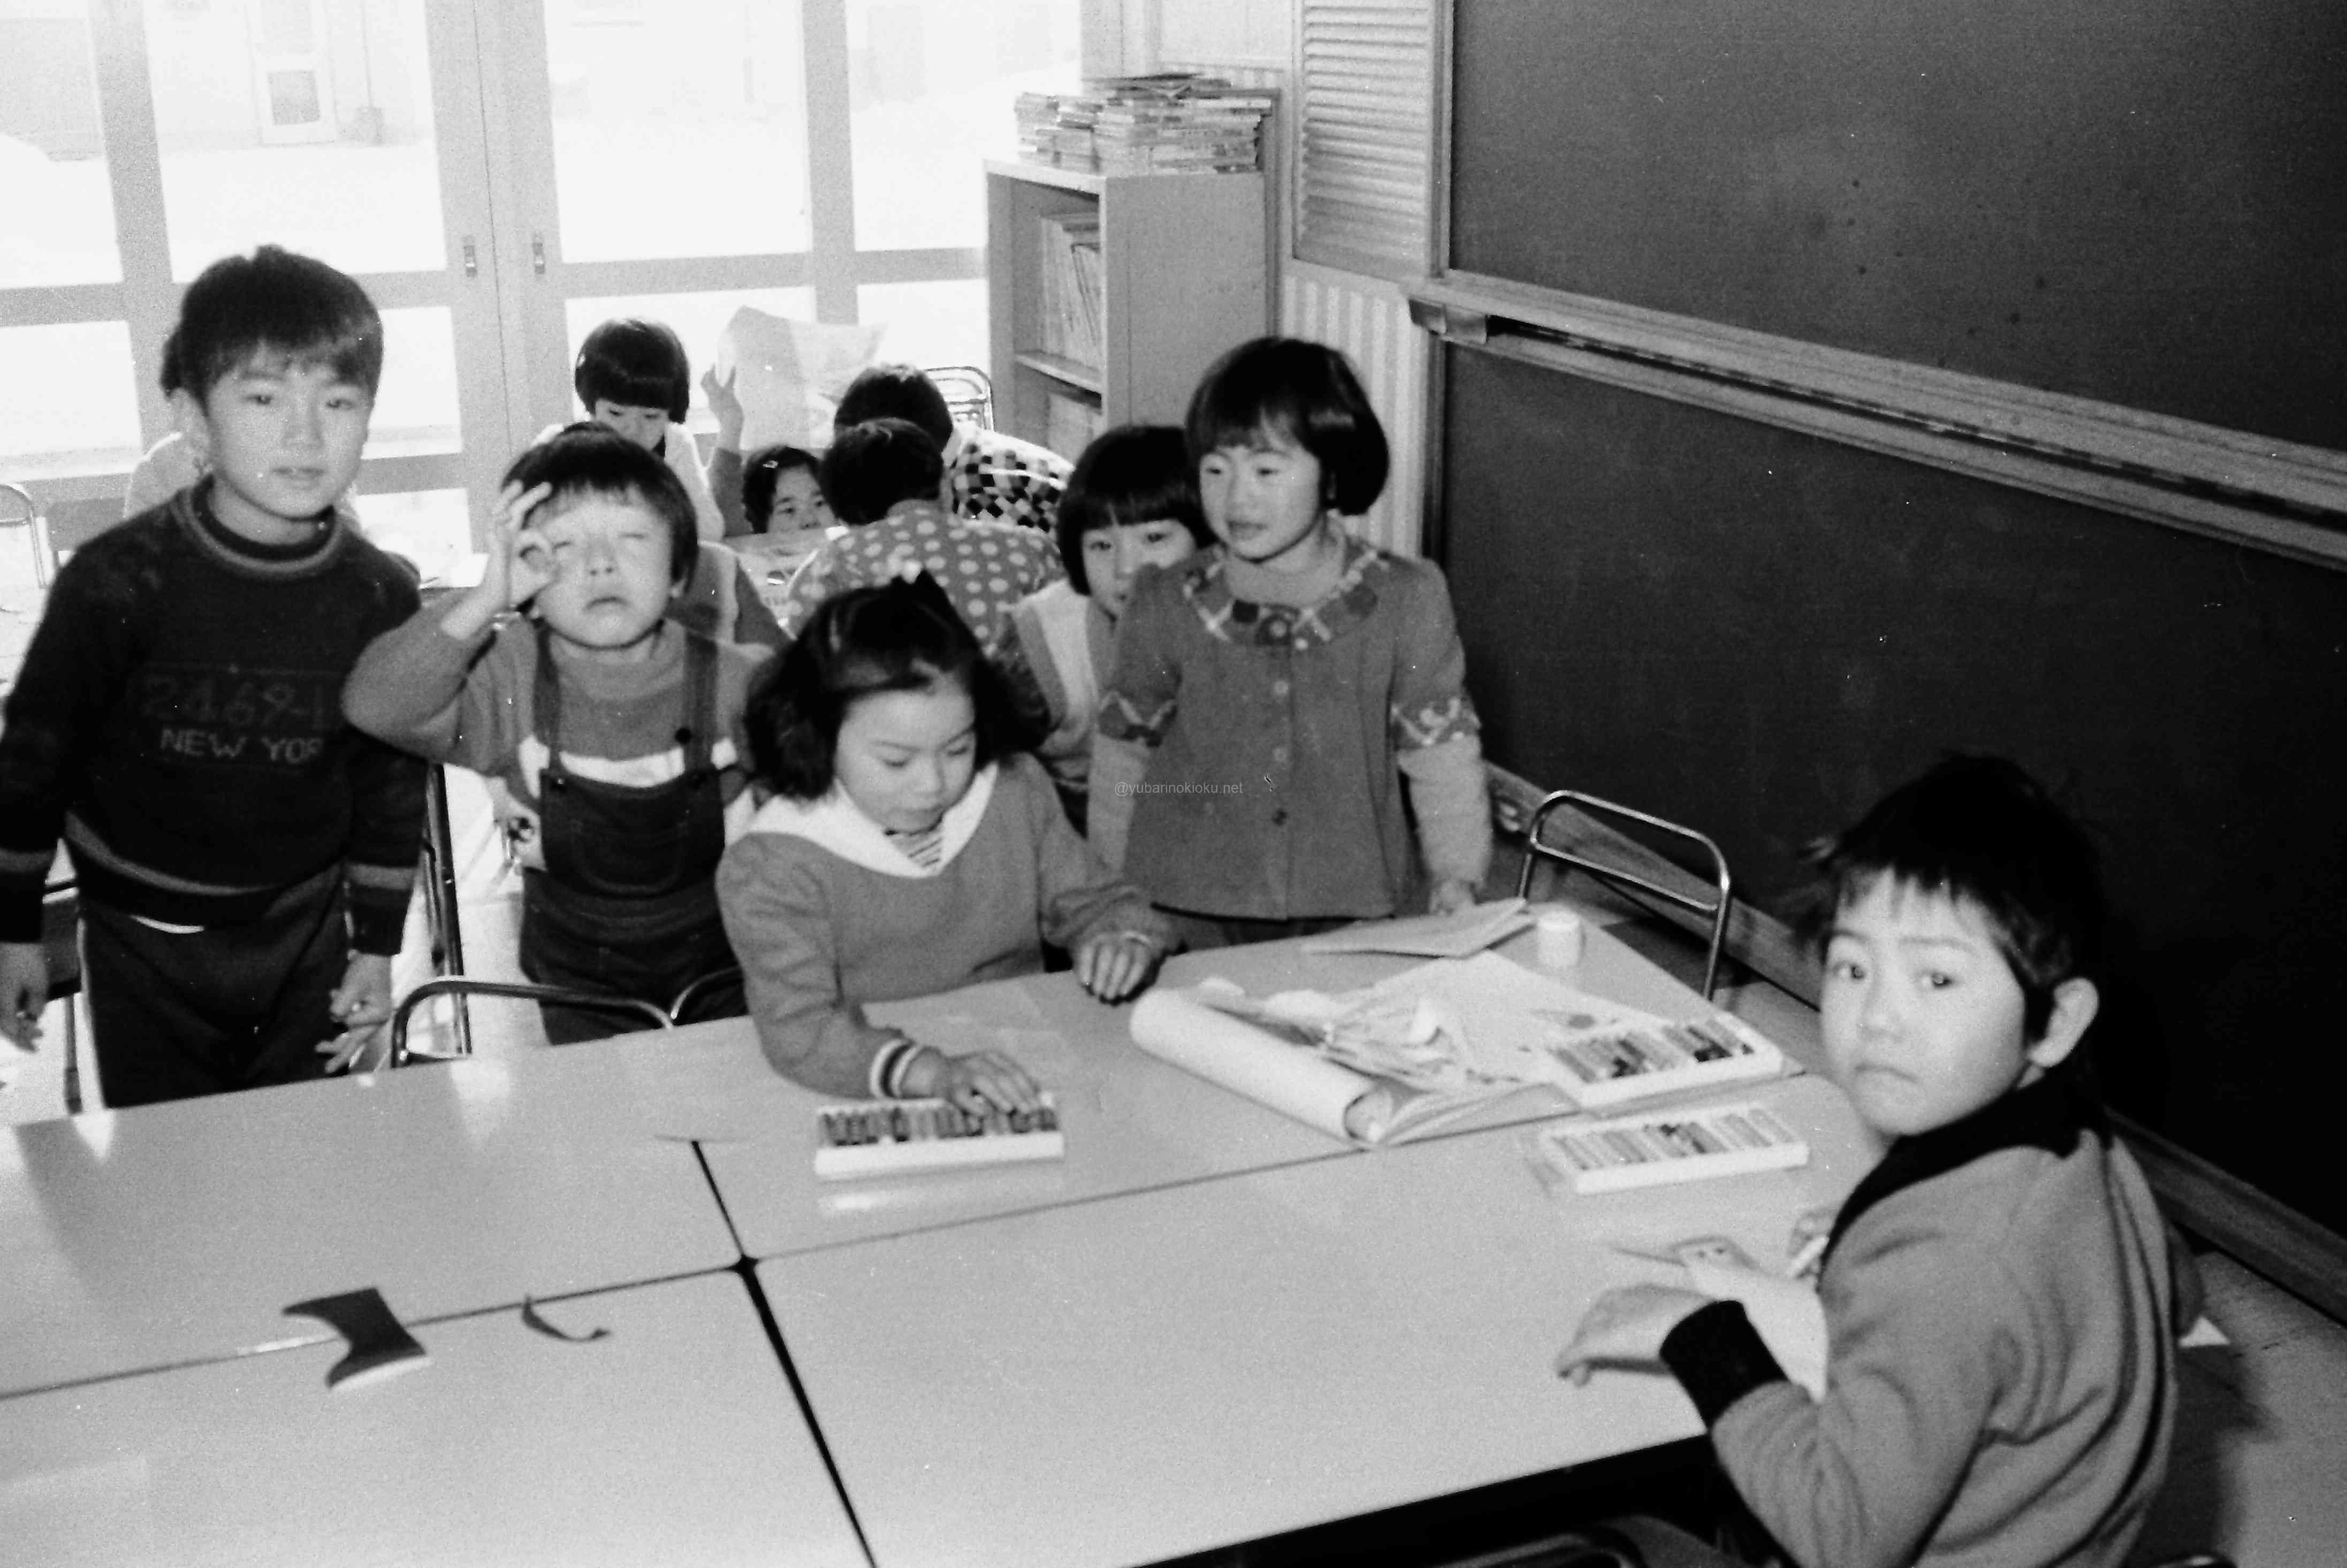 開設直後、ピカピカの清陵保育園の子どもたち